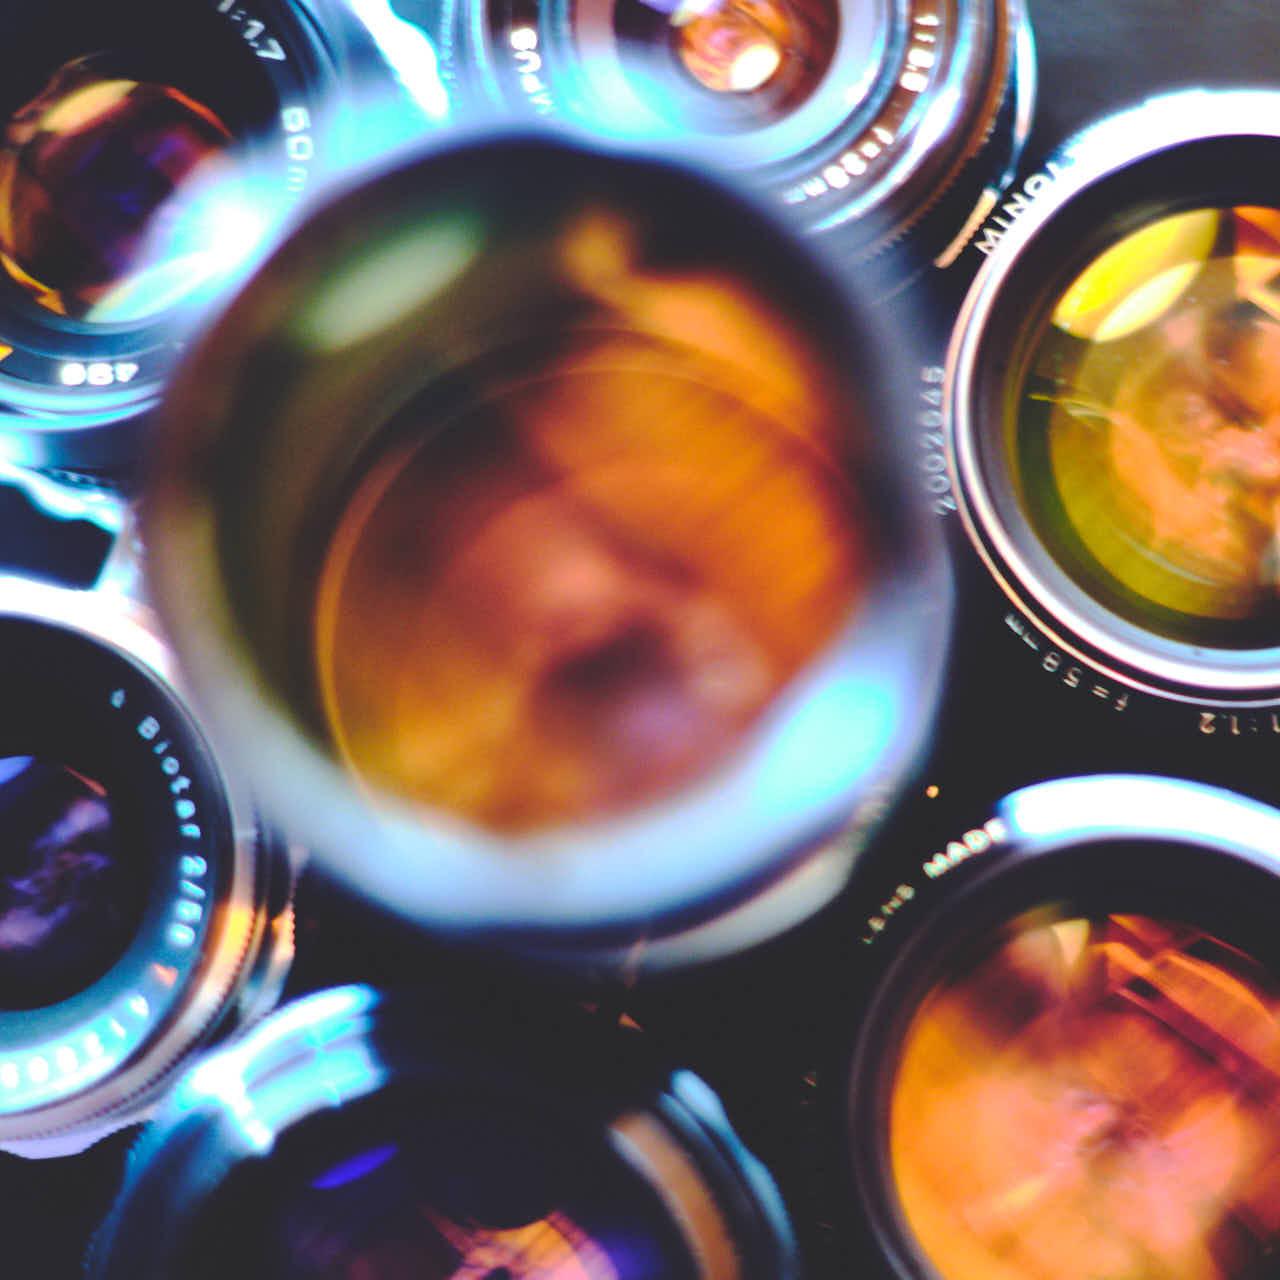 Lerne Fotografieren und deine eigene Kamera im Workshop mit Fotograf Teneriffa bis ins Detail kennen